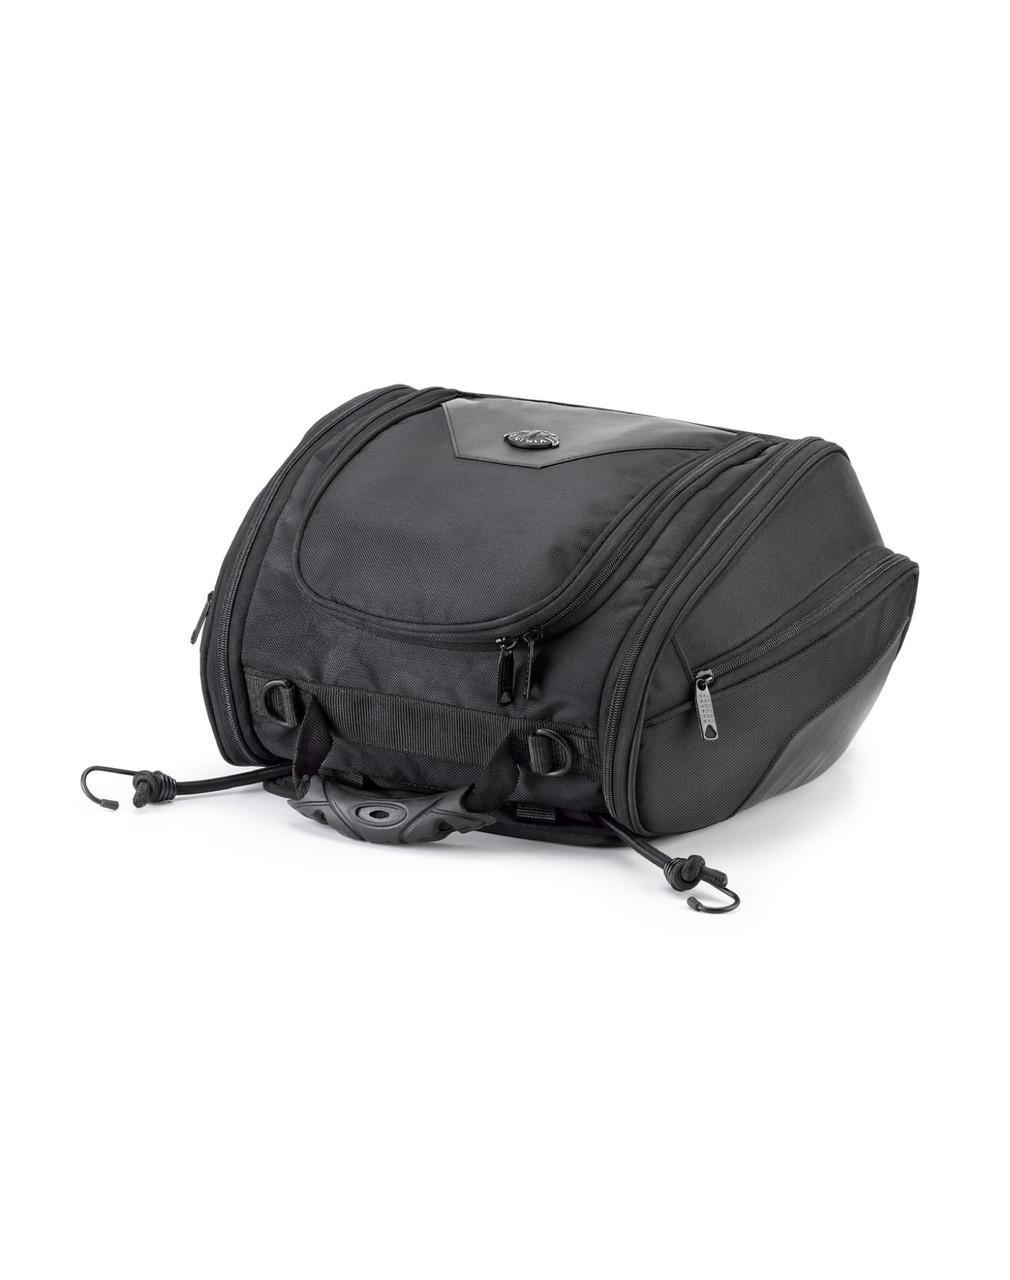 Harley Davidson Viking Sport Motorcycle Tail Bag Straps View